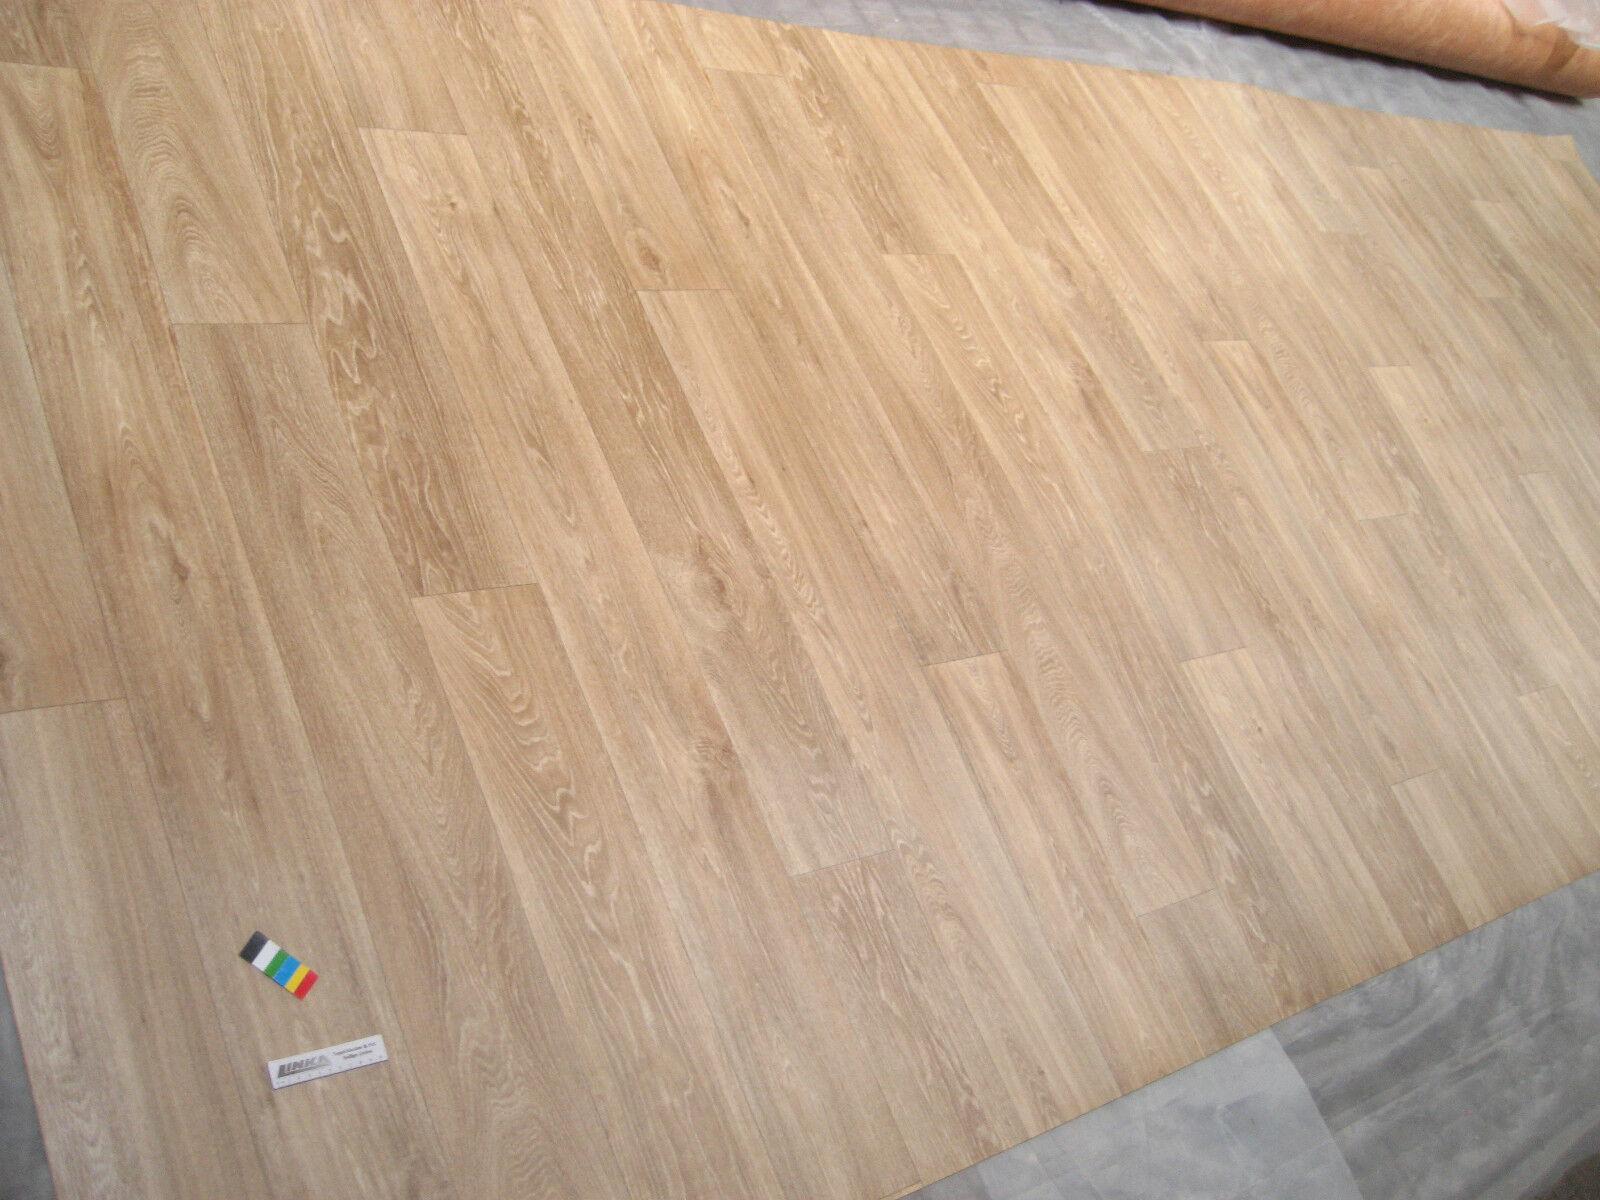 0336 PVC Belag 178x500 Boden Bodenbelag Rest CV Eiche Landhausdielen Holz Look